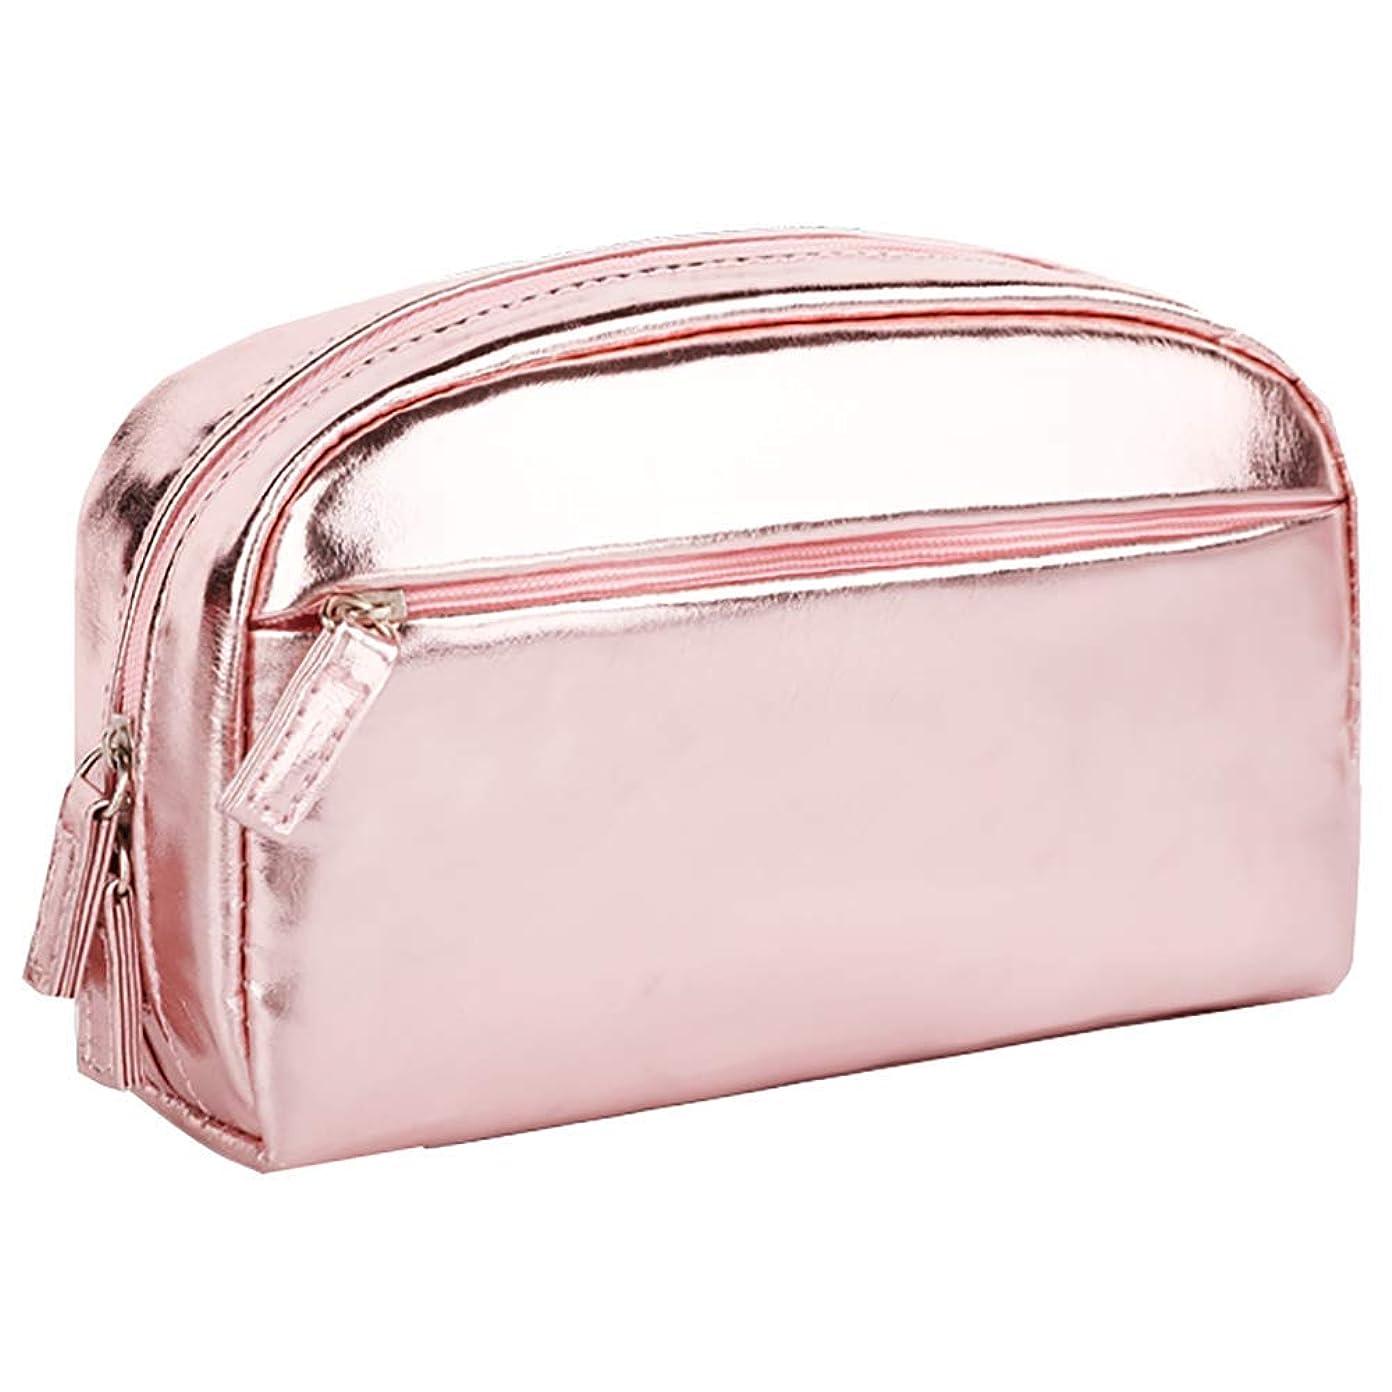 悔い改める件名手綱化粧品のバッグ女性のポータブルシンプルな大容量多機能女の子の心の袋の収納袋ピンク19.5 * 7 * 12CM